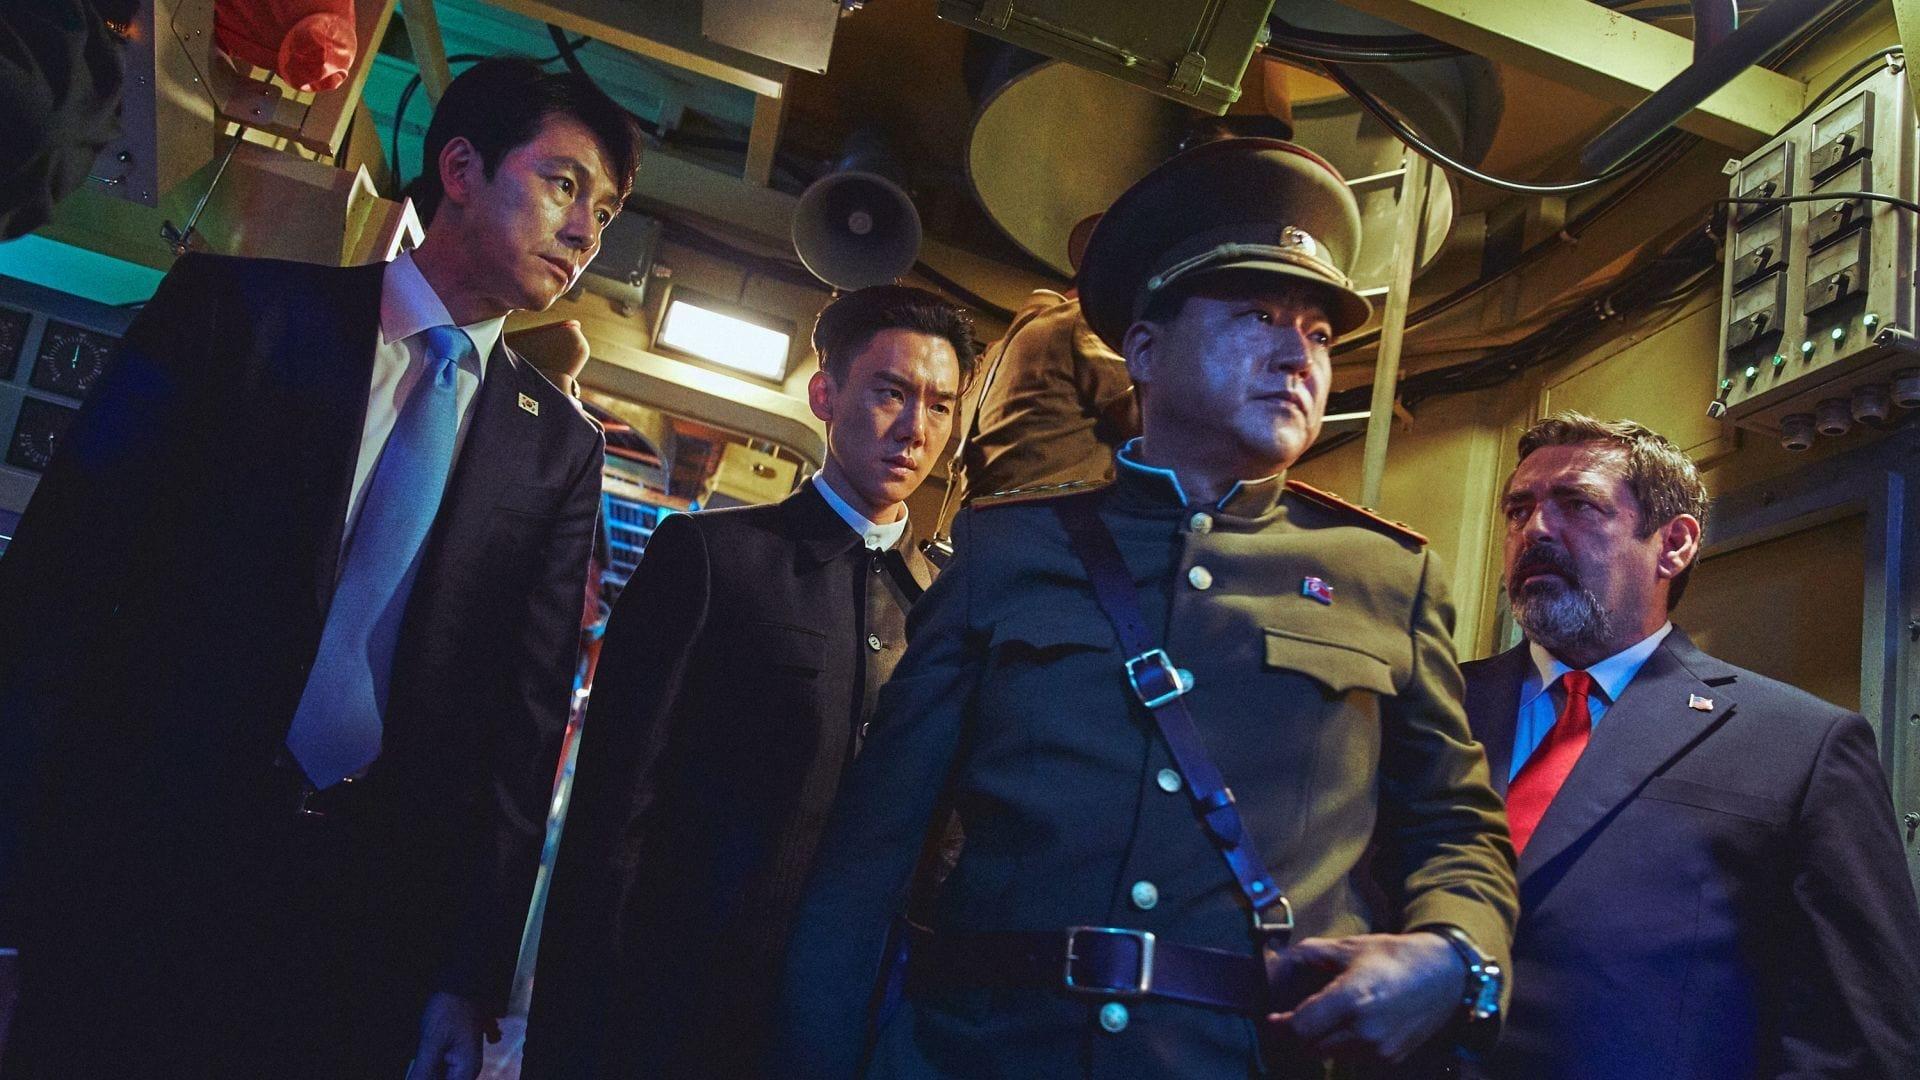 铁雨2:首脑峰会 강철비2: 정상회담 (2020) 简繁中文字幕